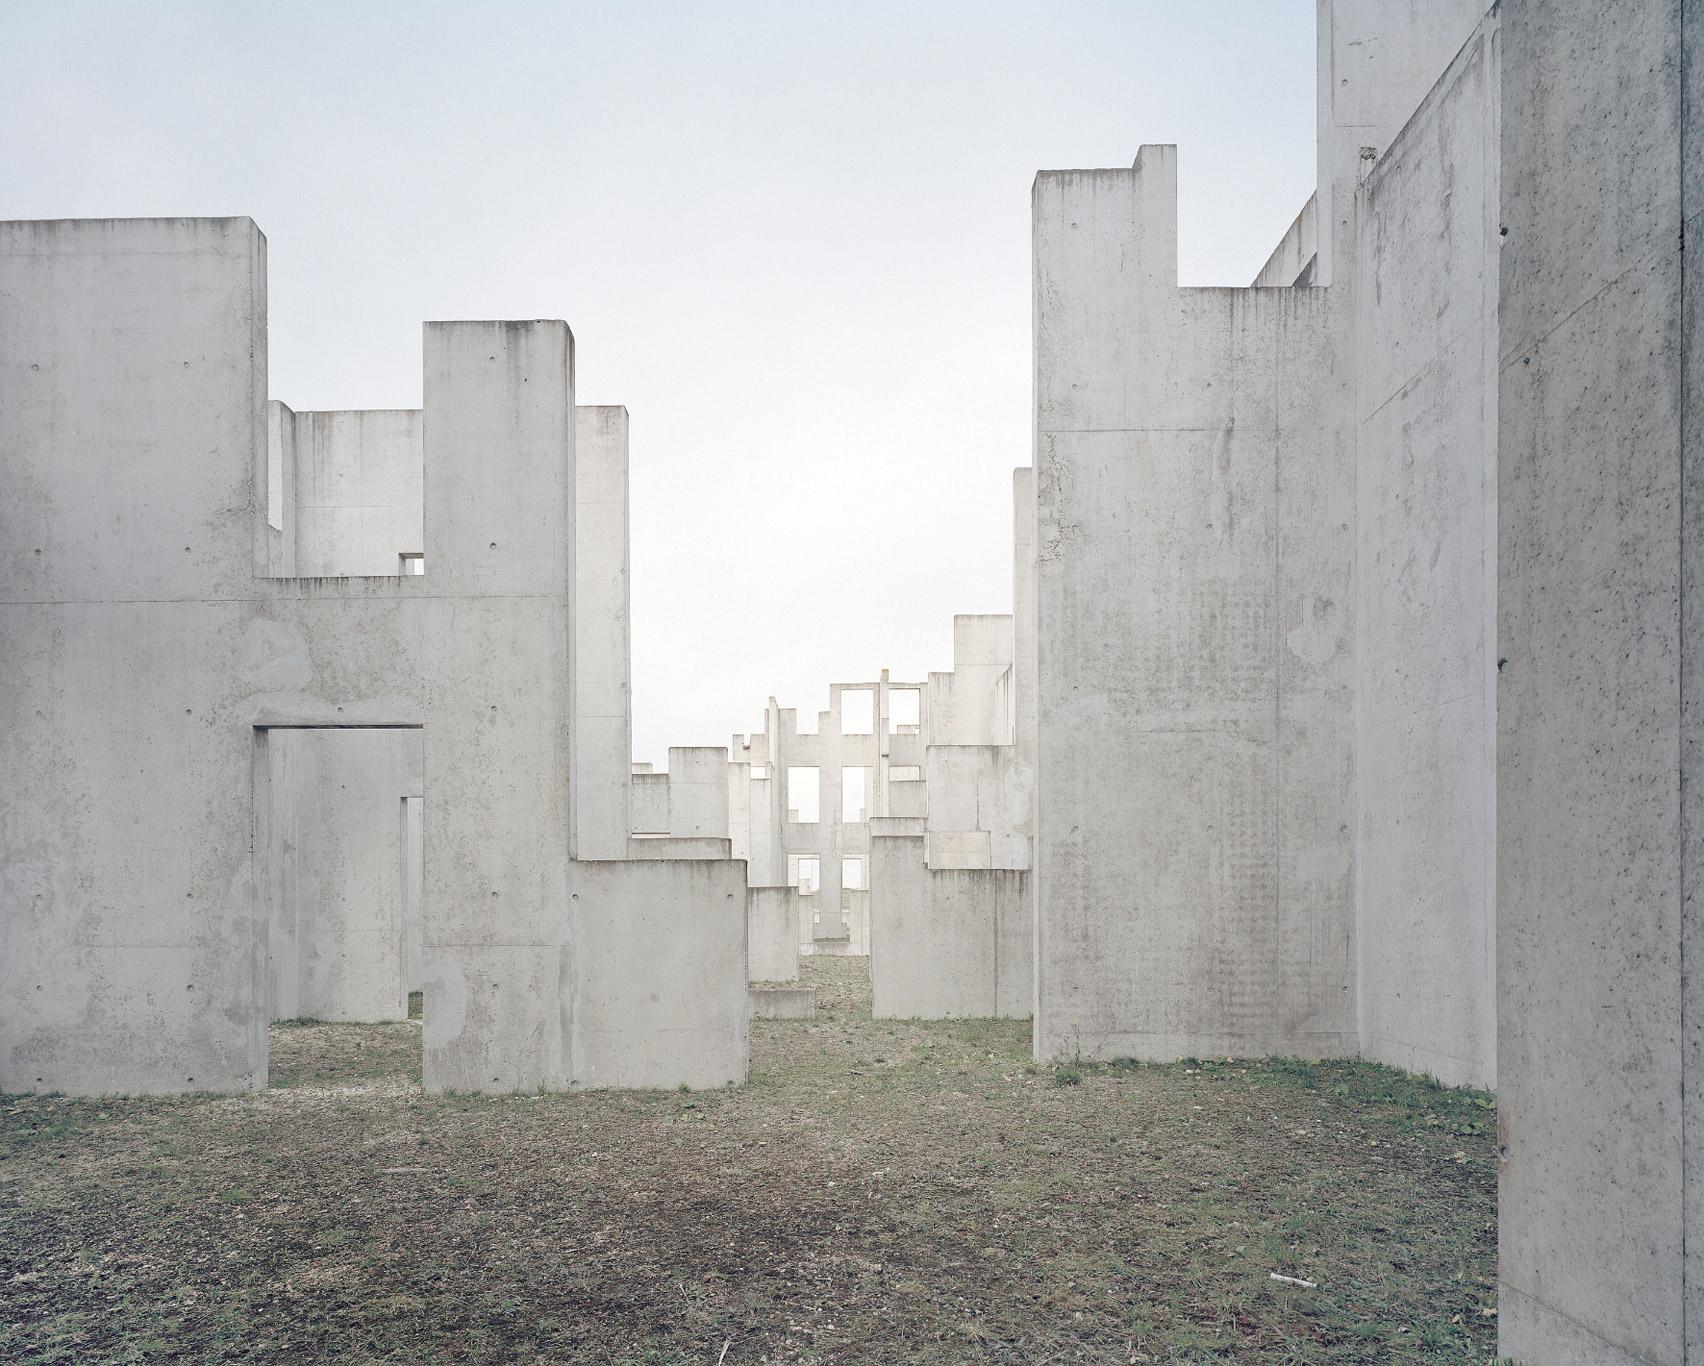 Potemkin Village by Gregor Sailer